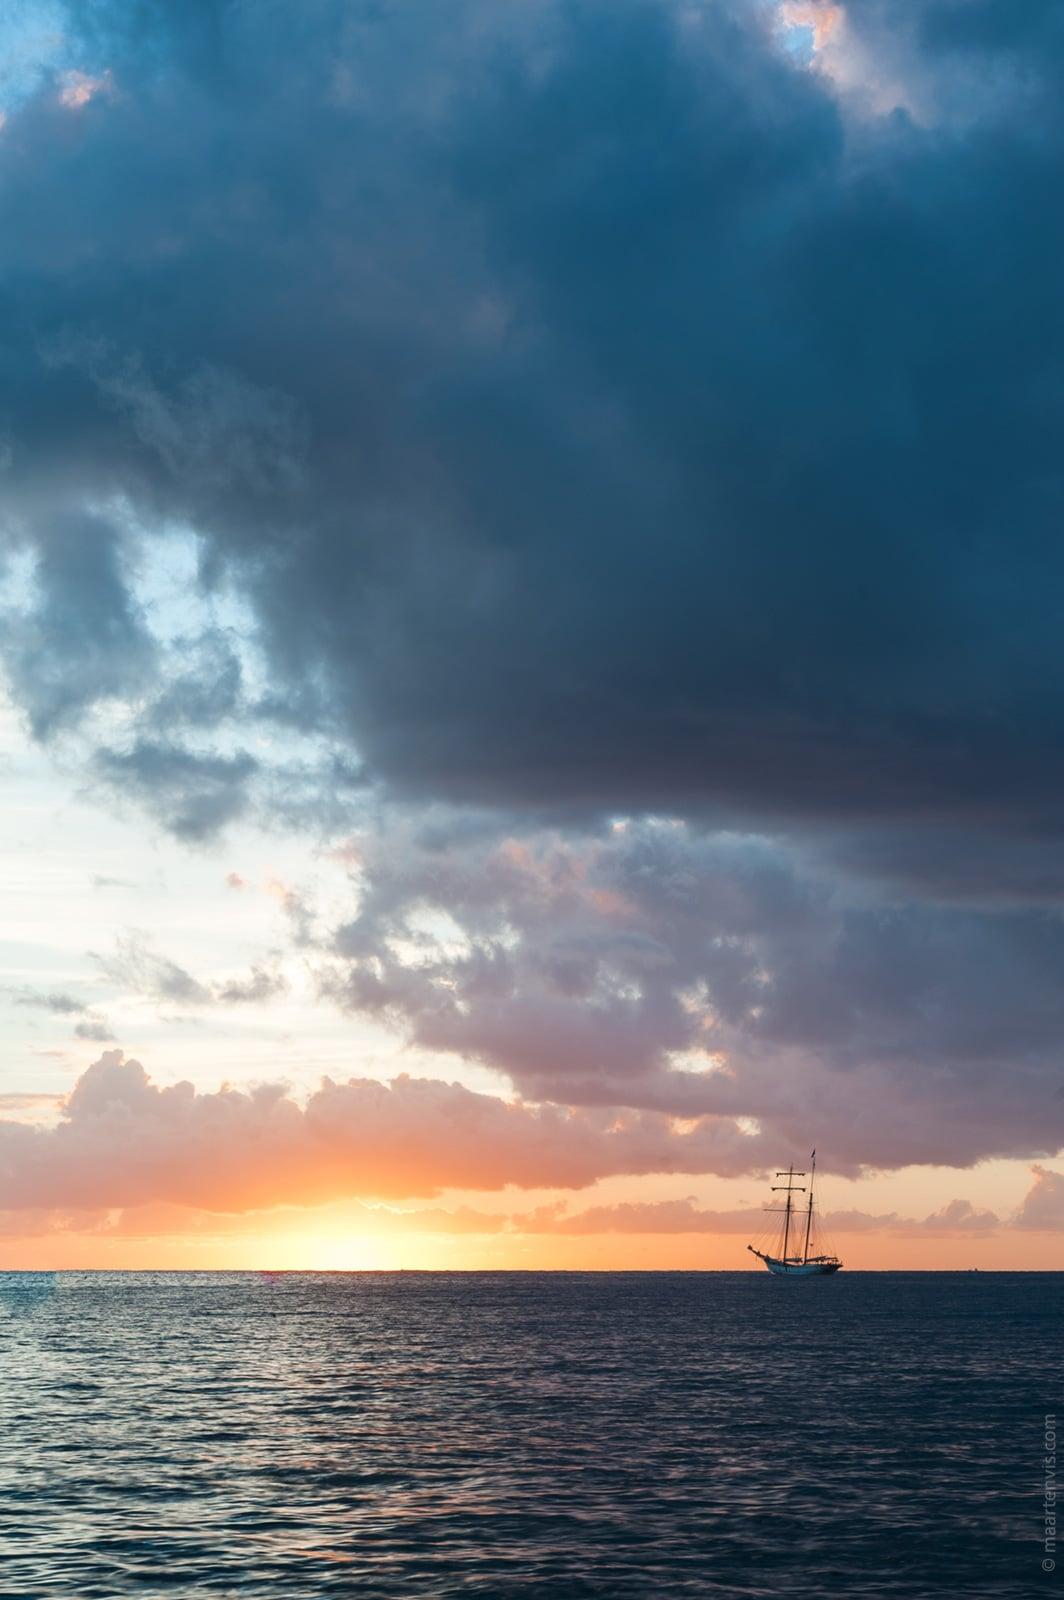 20121014 0889 - Port d'Andratx